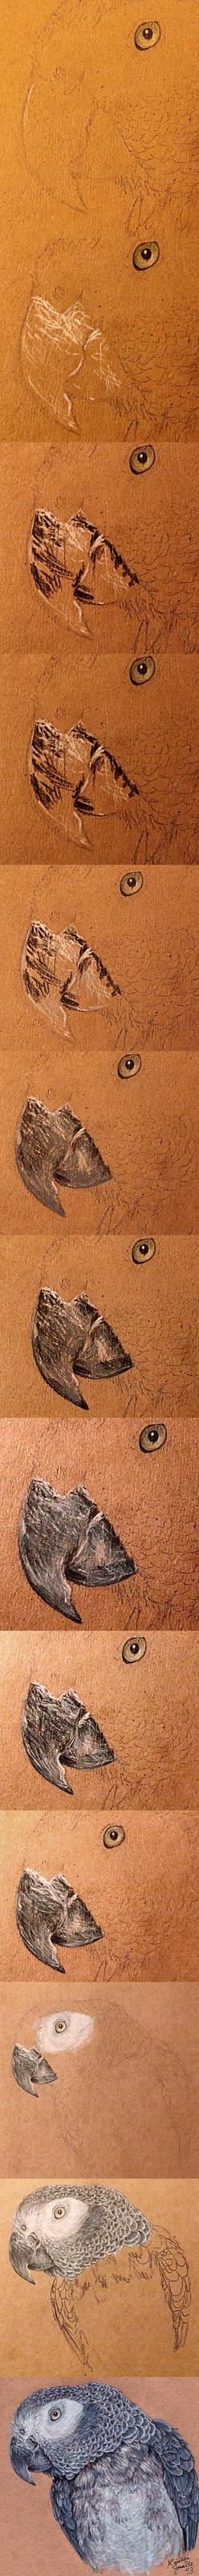 Drawing Birds - Beak Walkthrough/Tutorial by KristynJanelle